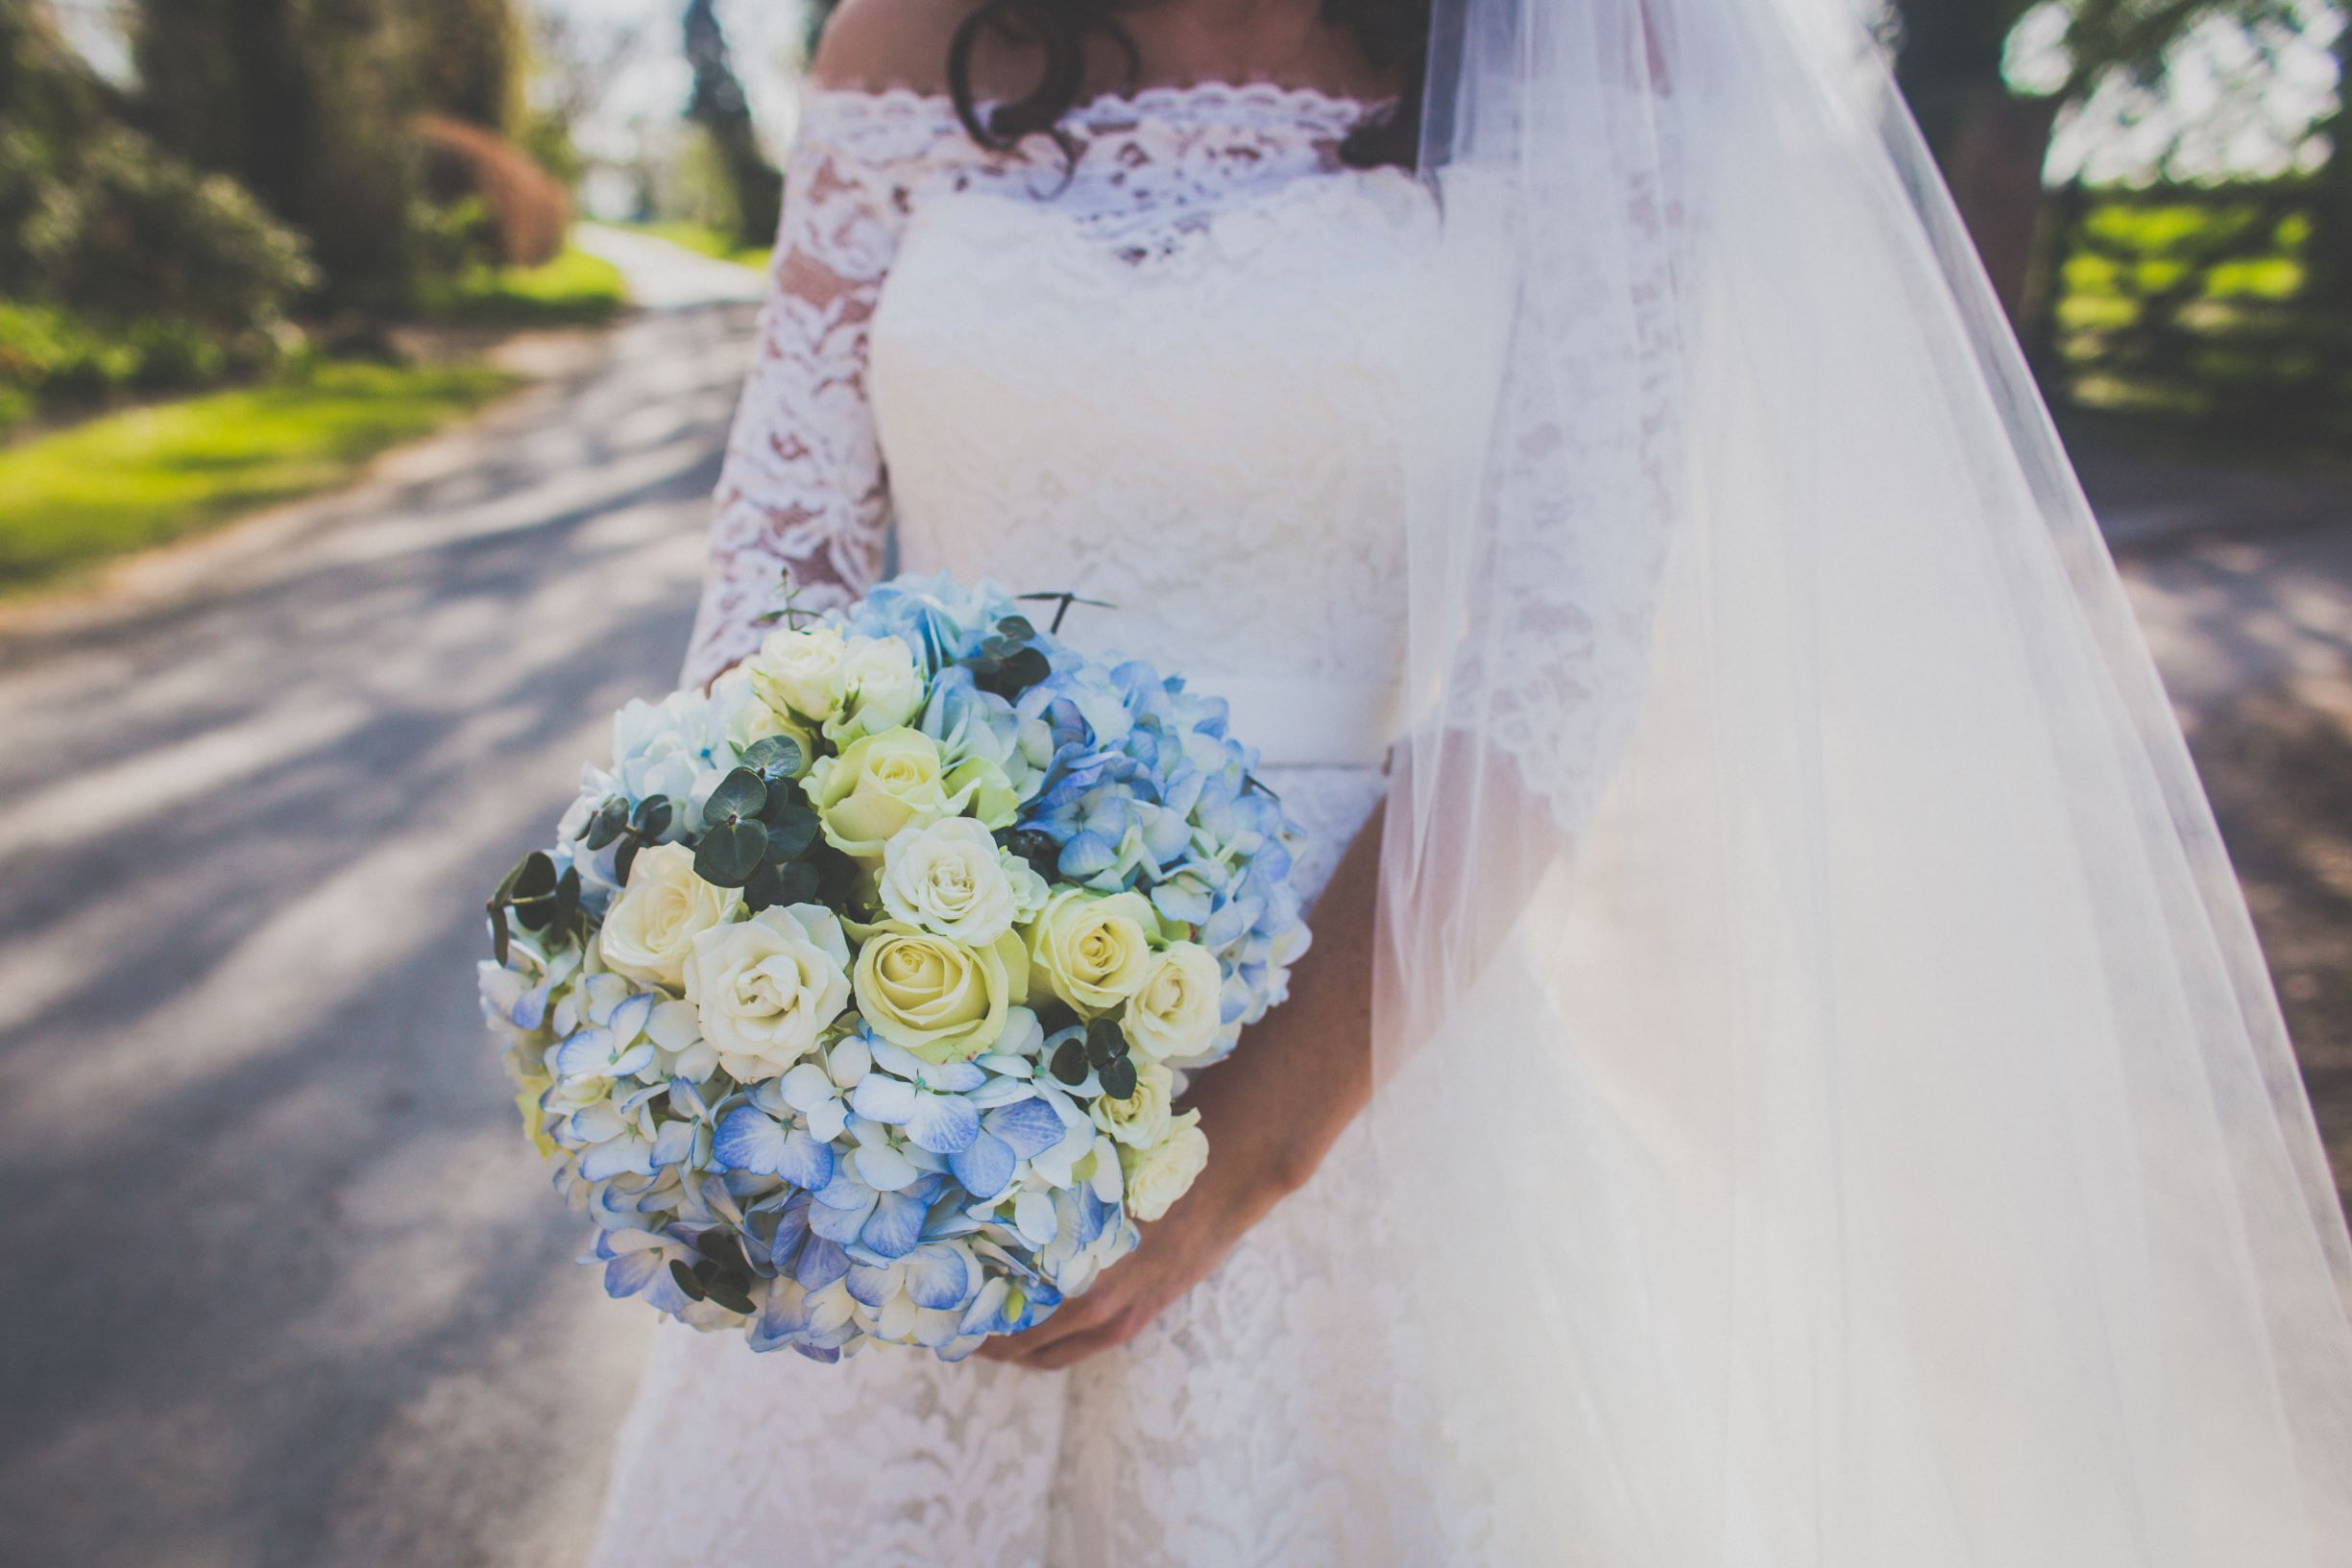 Krista's bouquet.jpg